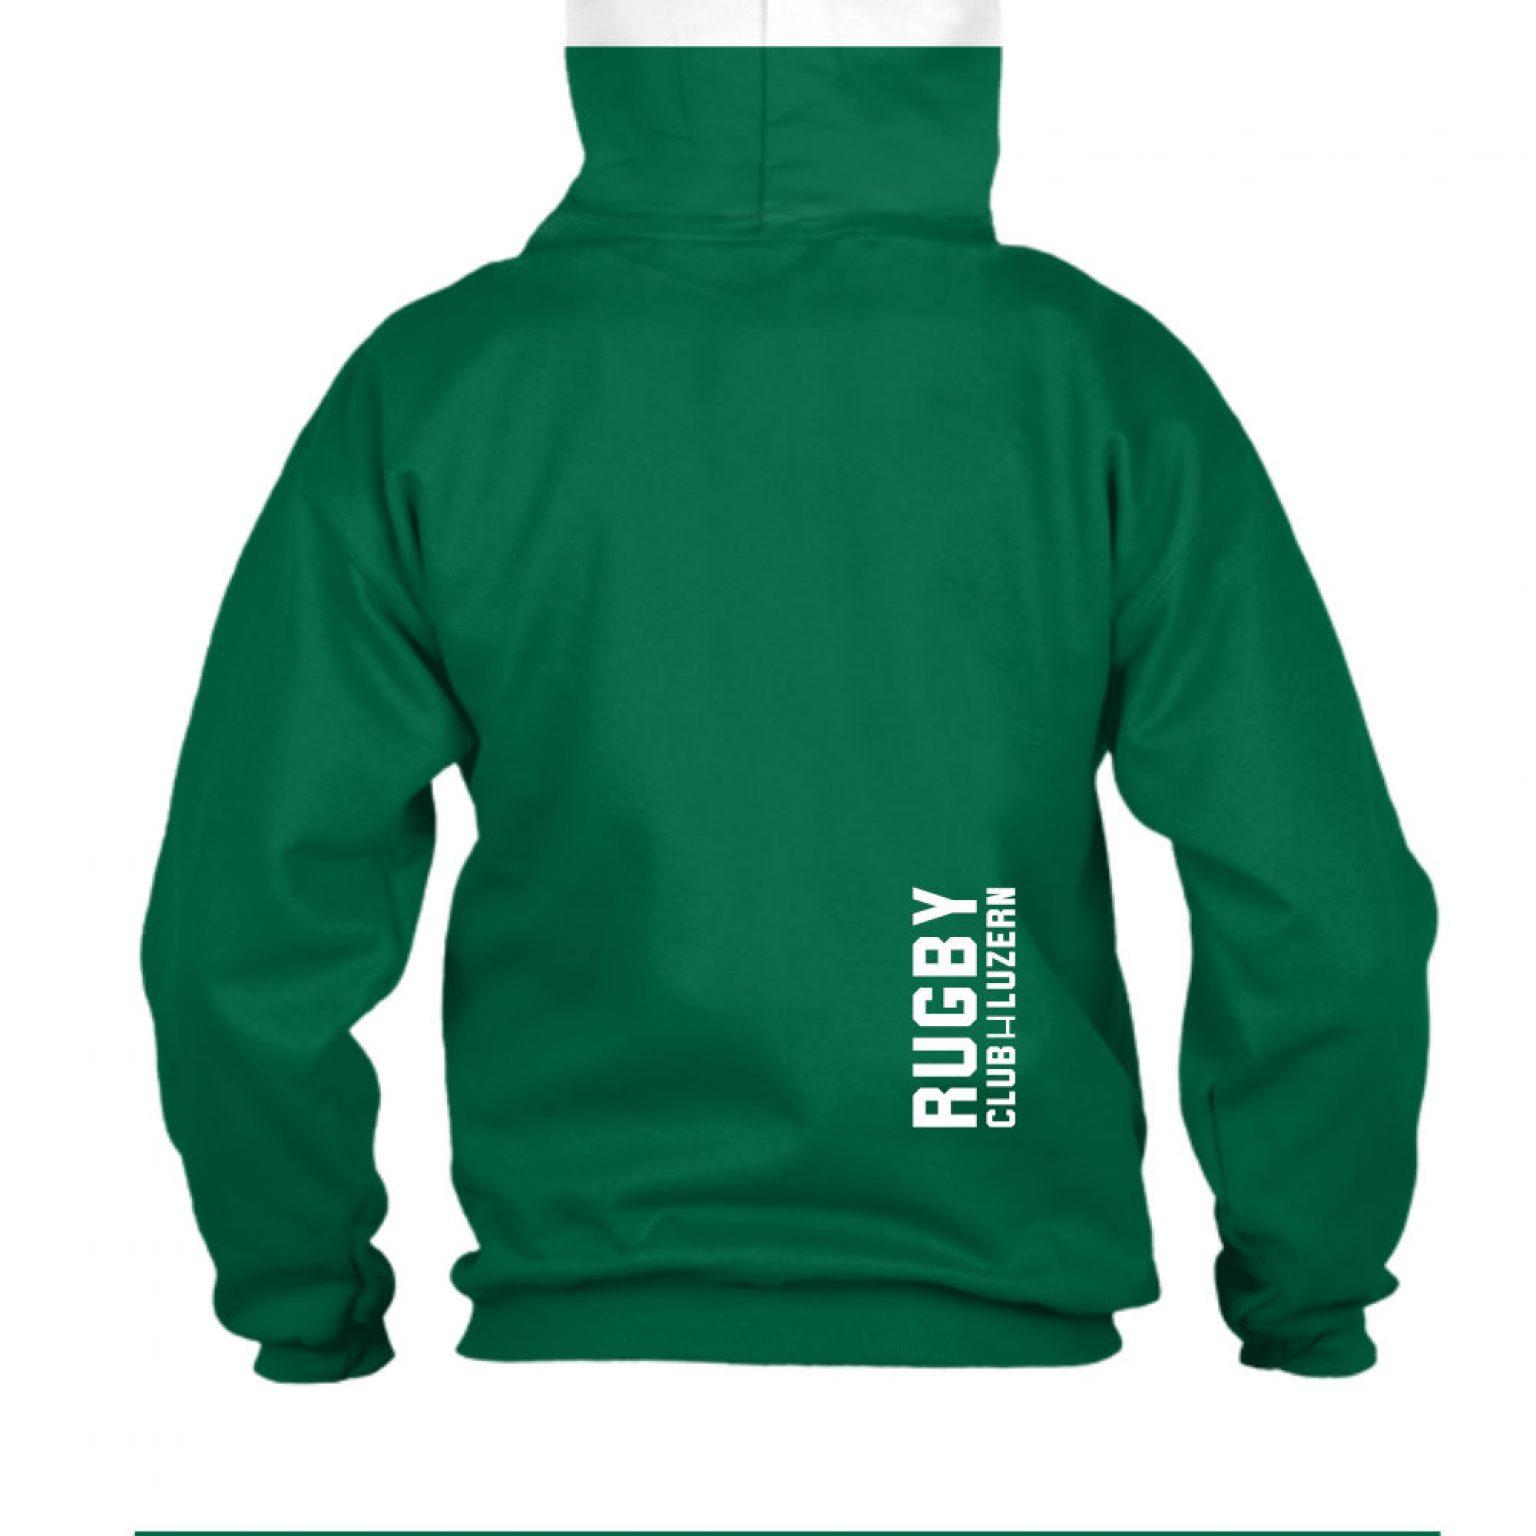 merryruckingchristmas herren hoodie green back